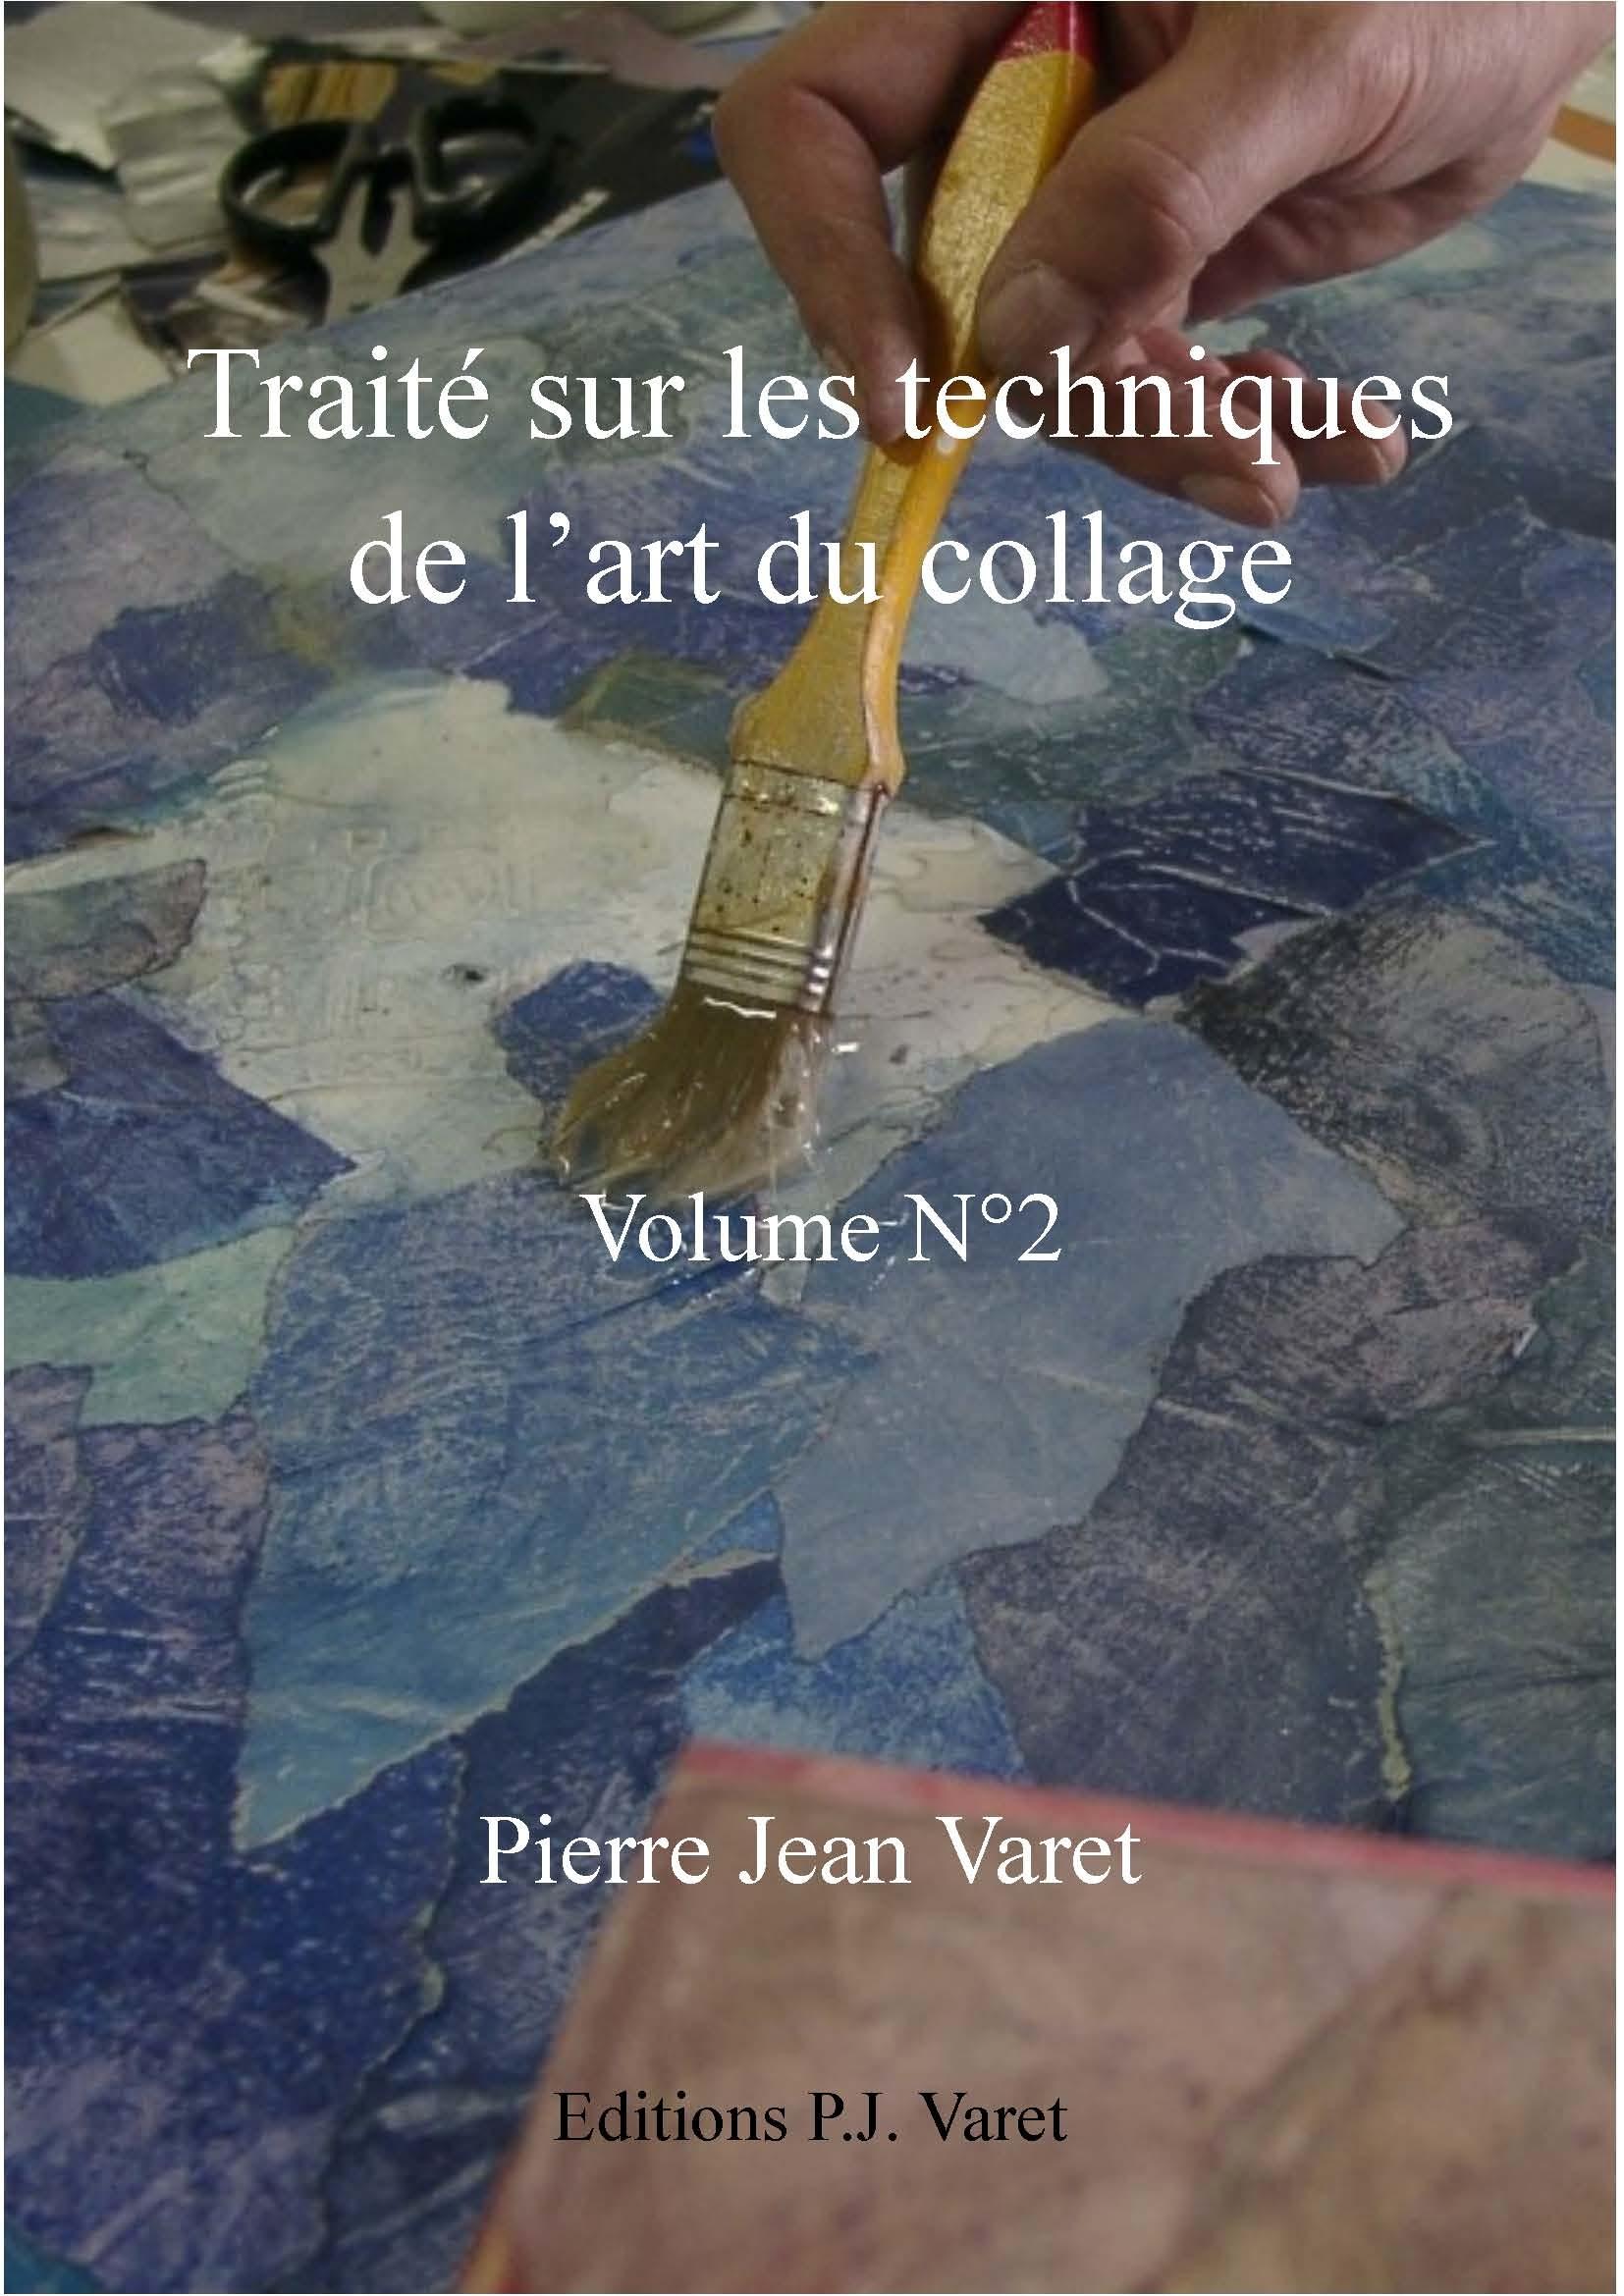 Traité sur les techniques de l'art du collage - 2ème volume